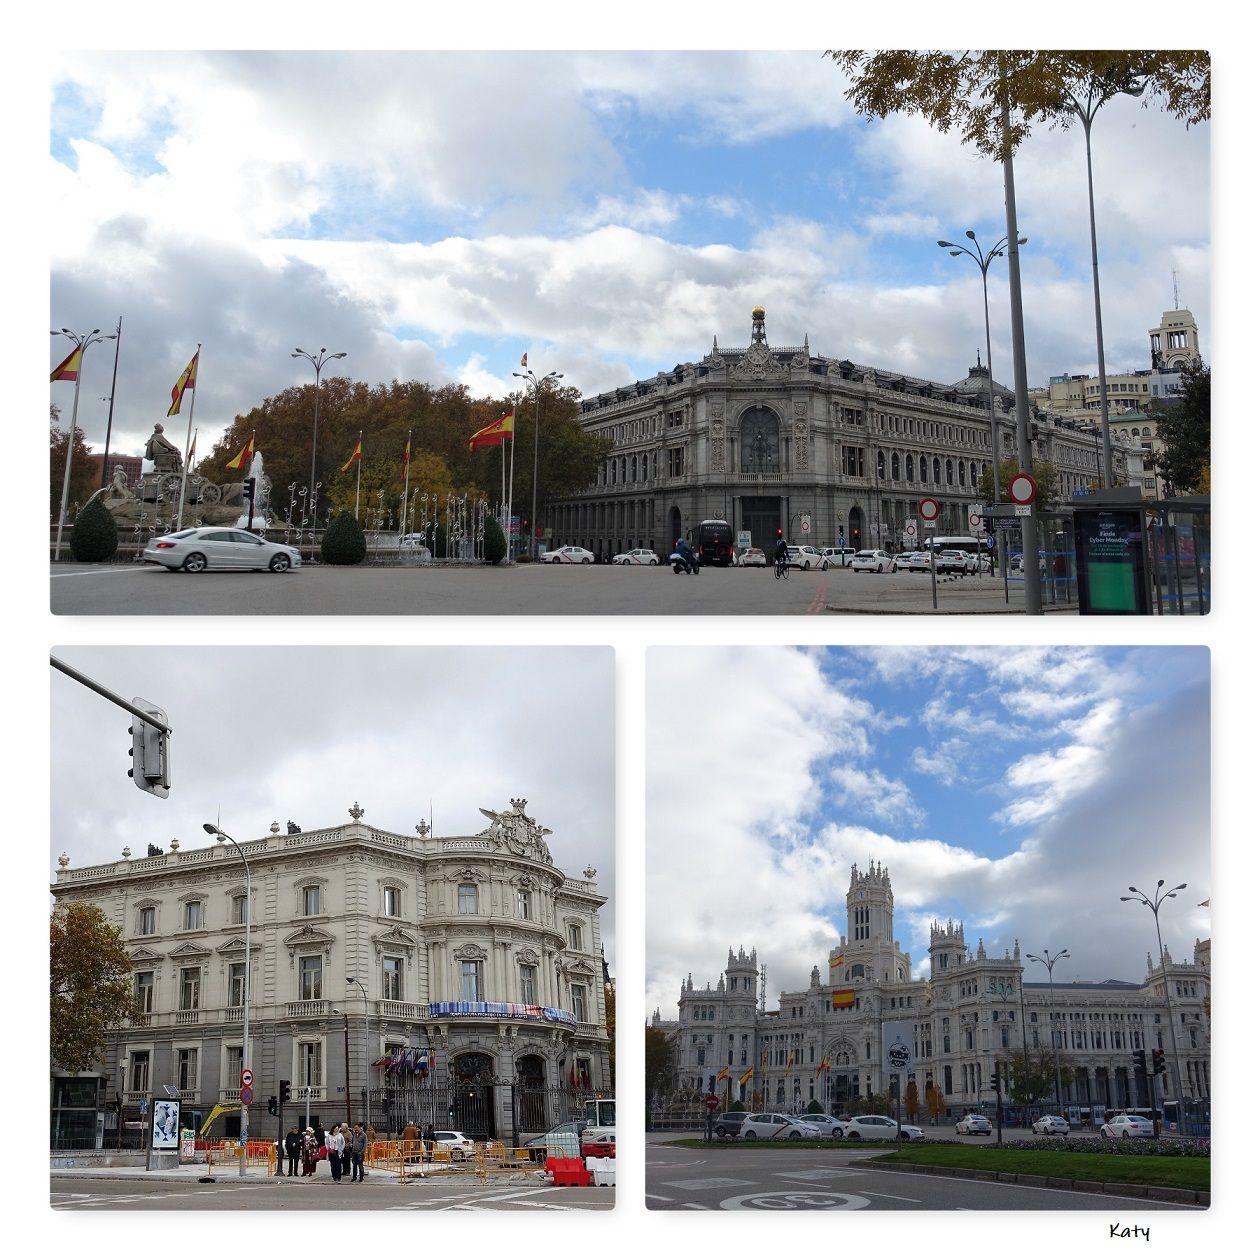 La Plaza De Cibeles Banco De Espana Palacio De Linares Y El Ayuntamiento Fotos Palacios Monumentos